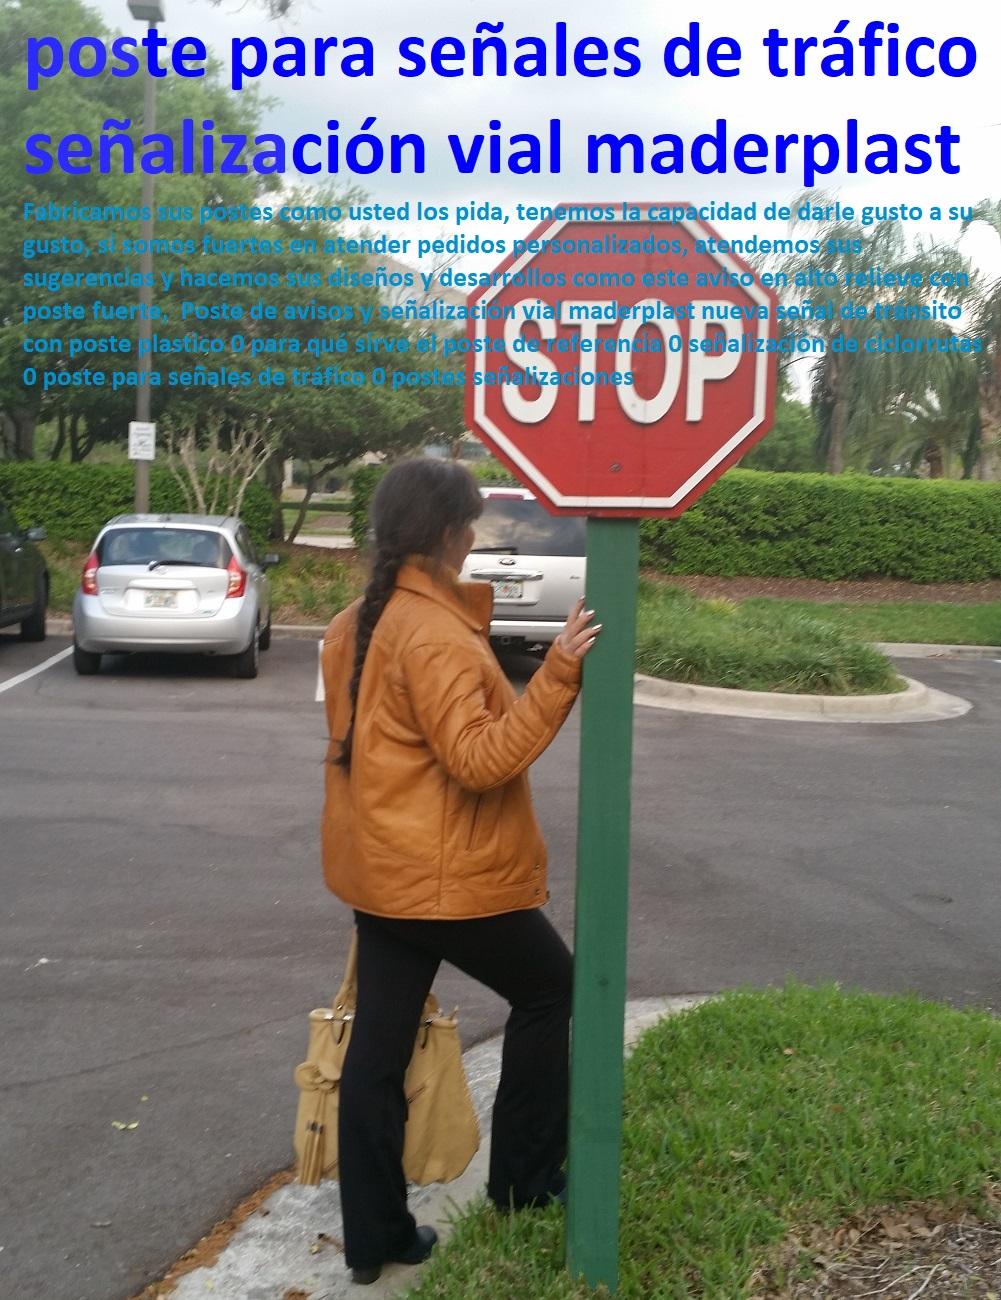 Poste de avisos y señalización vial maderplast nueva señal de tránsito con poste plastico 0 para qué sirve el poste de referencia 0 señalización de ciclorrutas 0 poste para señales de tráfico 0 postes señalizaciones